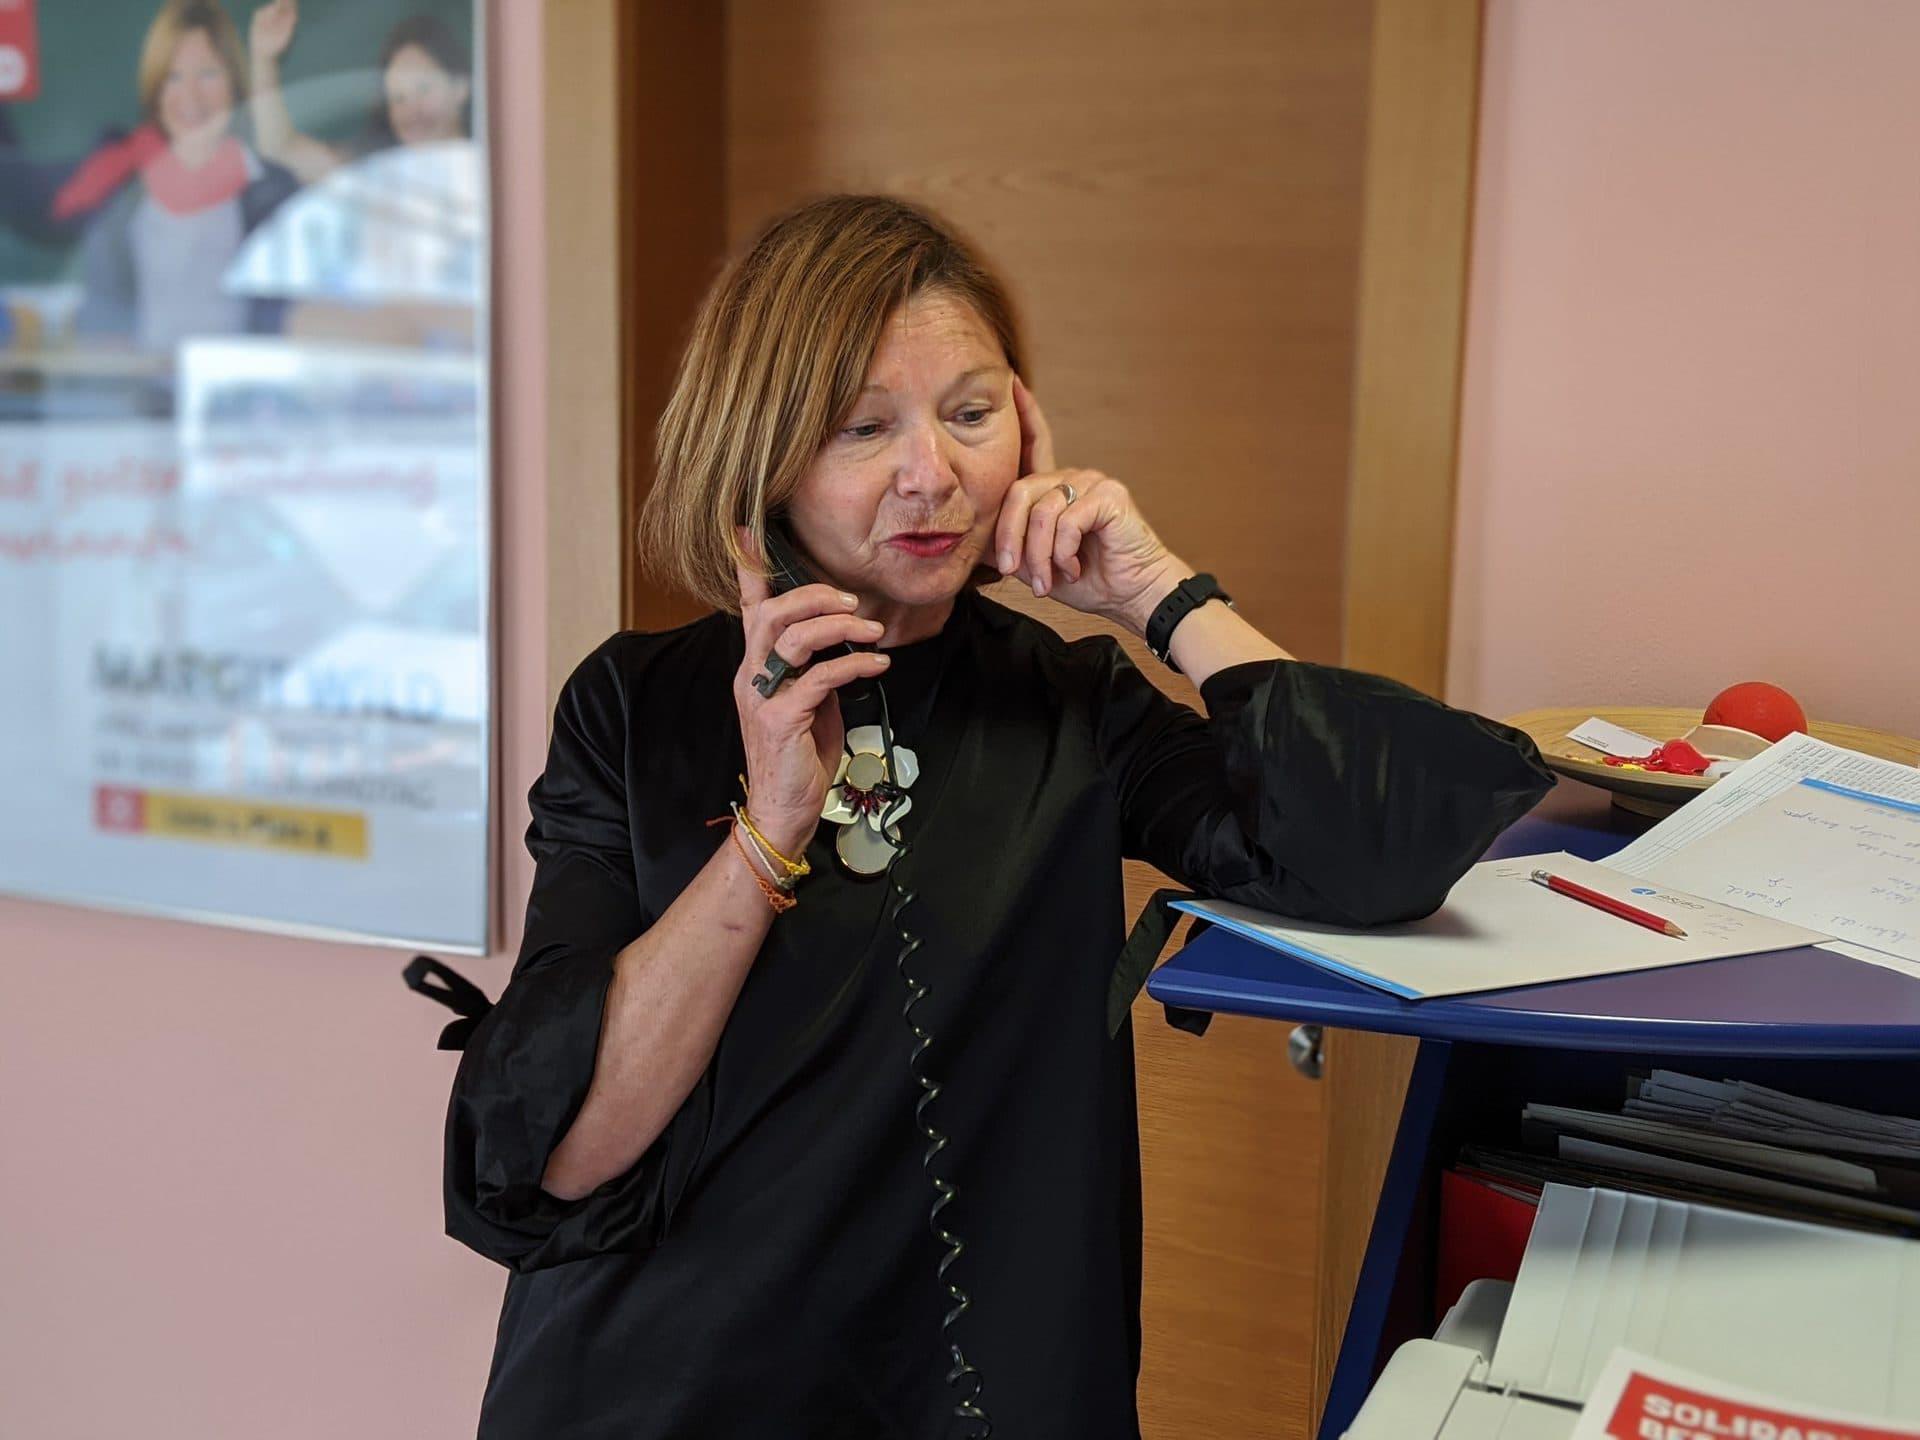 Telefonsprechstunde mit Margit Wild Regensburger SPD-Politikerin ist am Montag, 26. April, von 10 bis 12 Uhr erreichbar